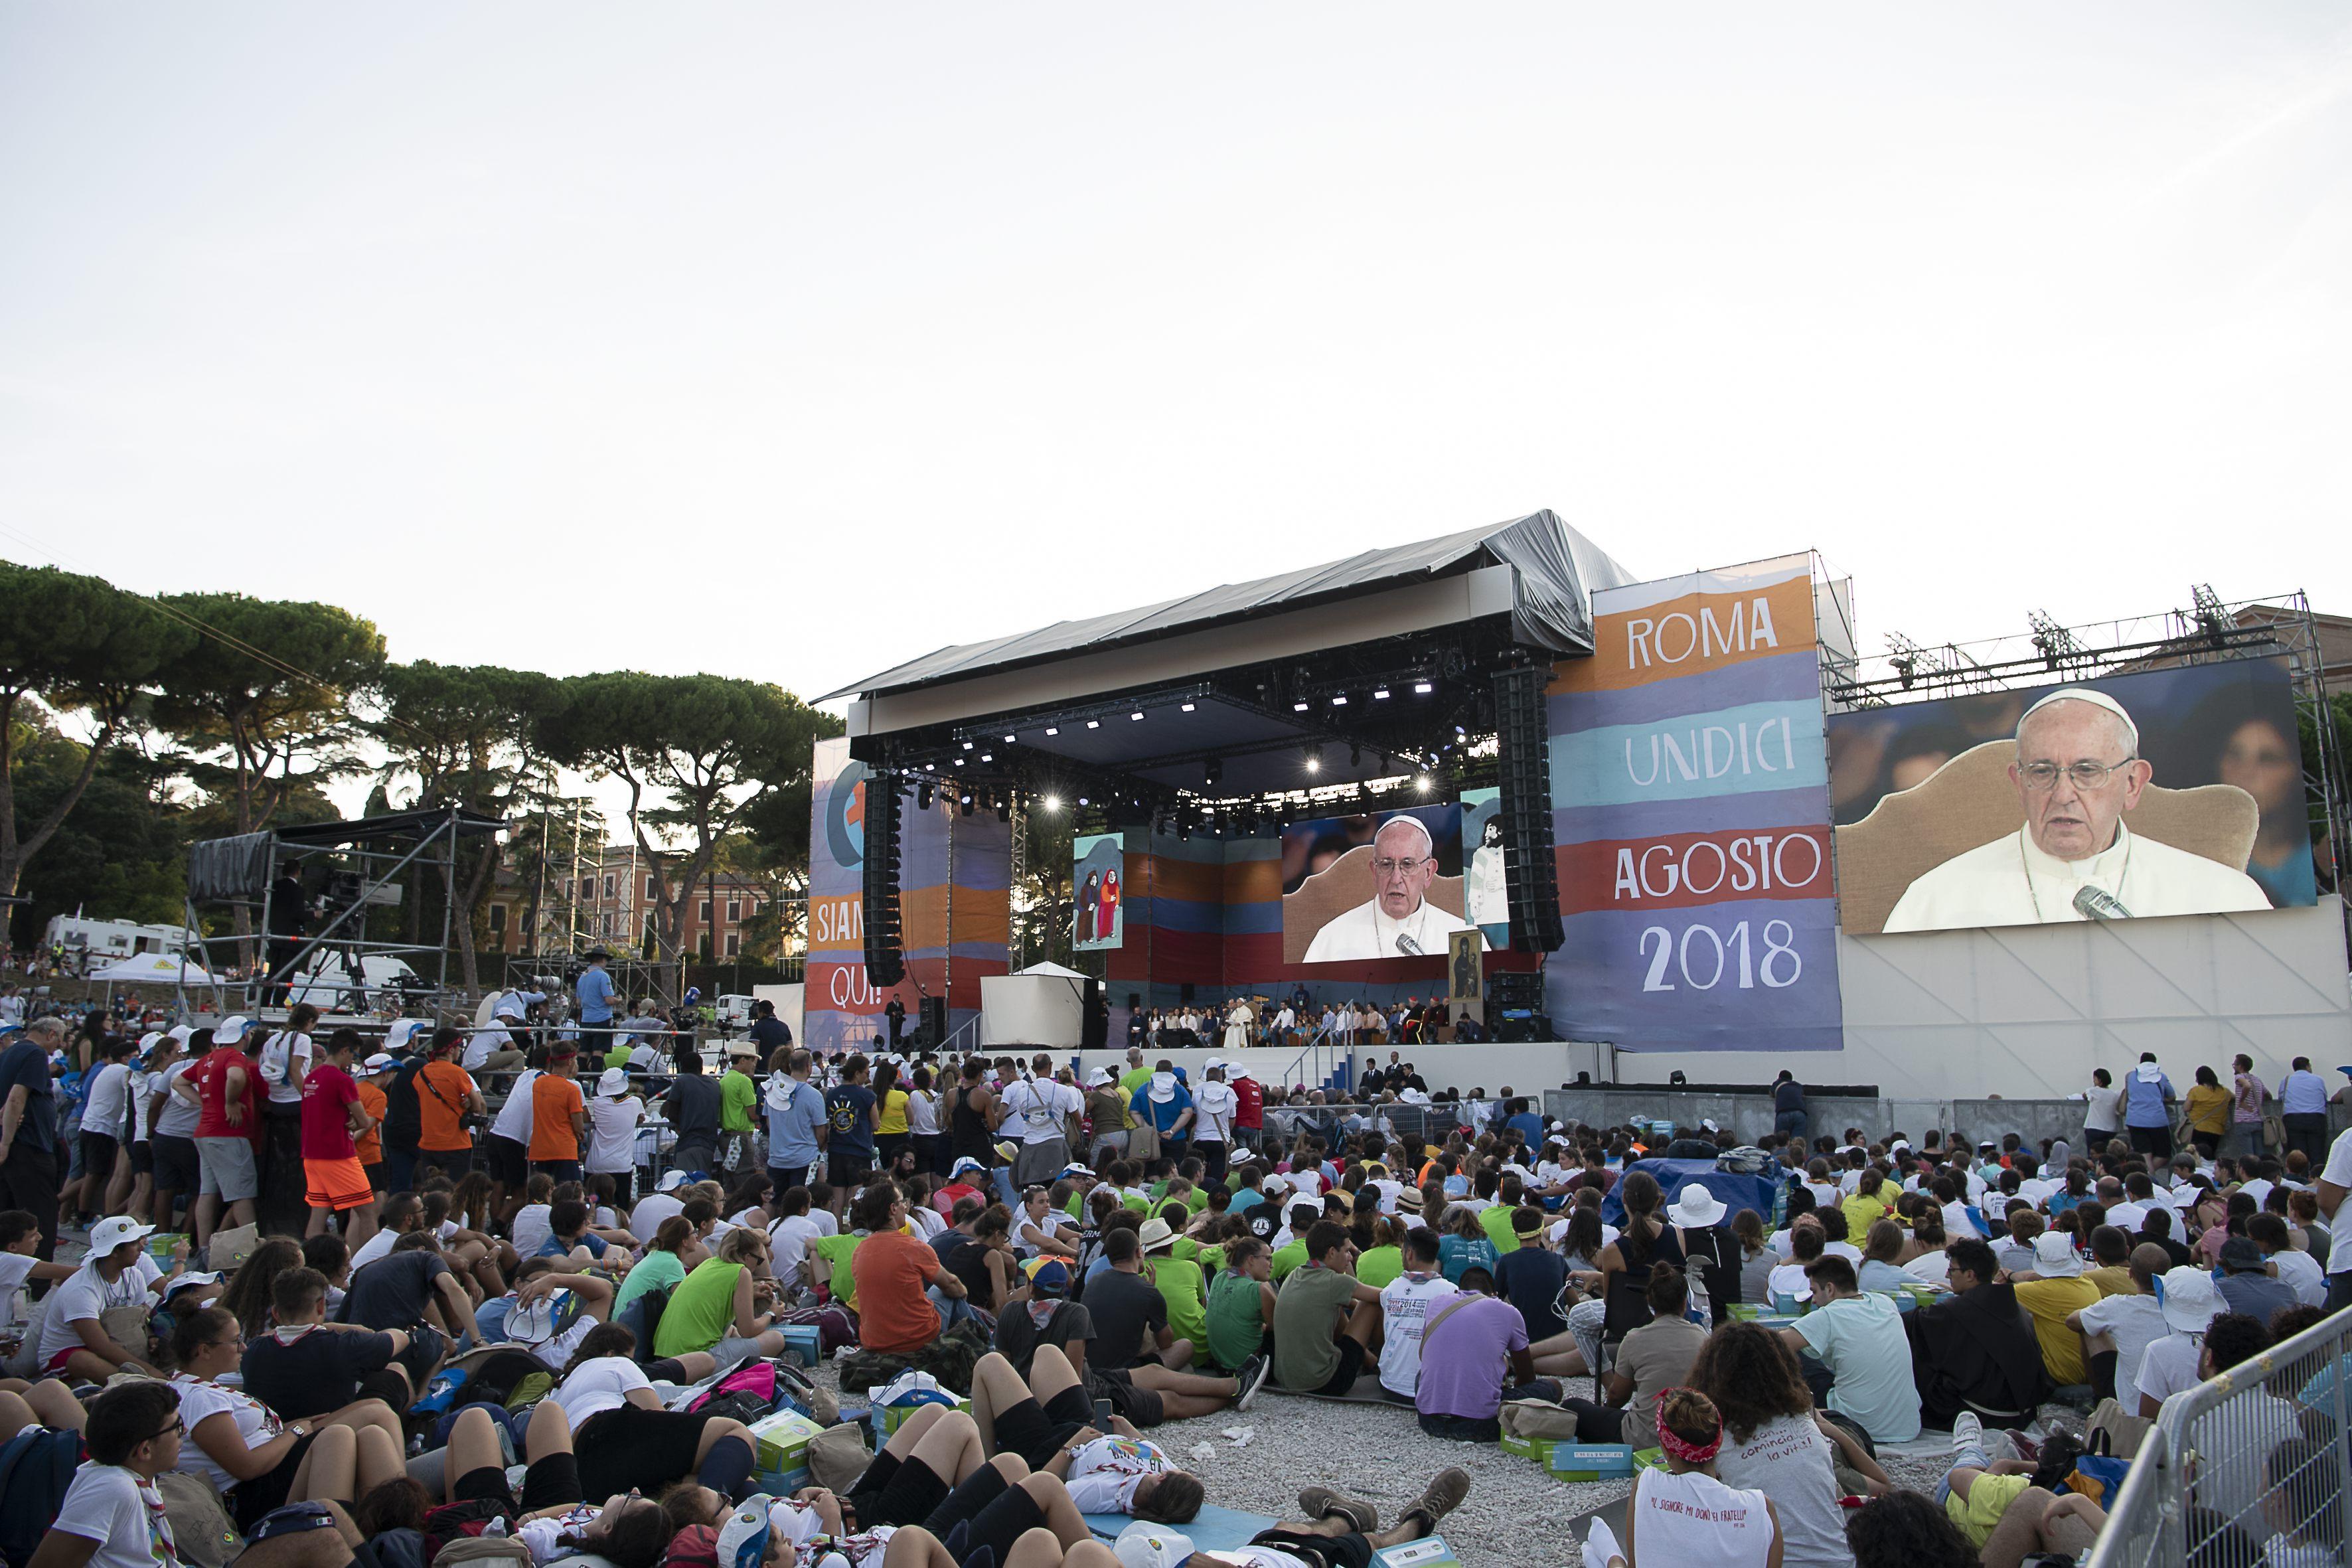 Veillée de prière avec les jeunes, Circo Massimo, 11/8/2018 © Vatican Media